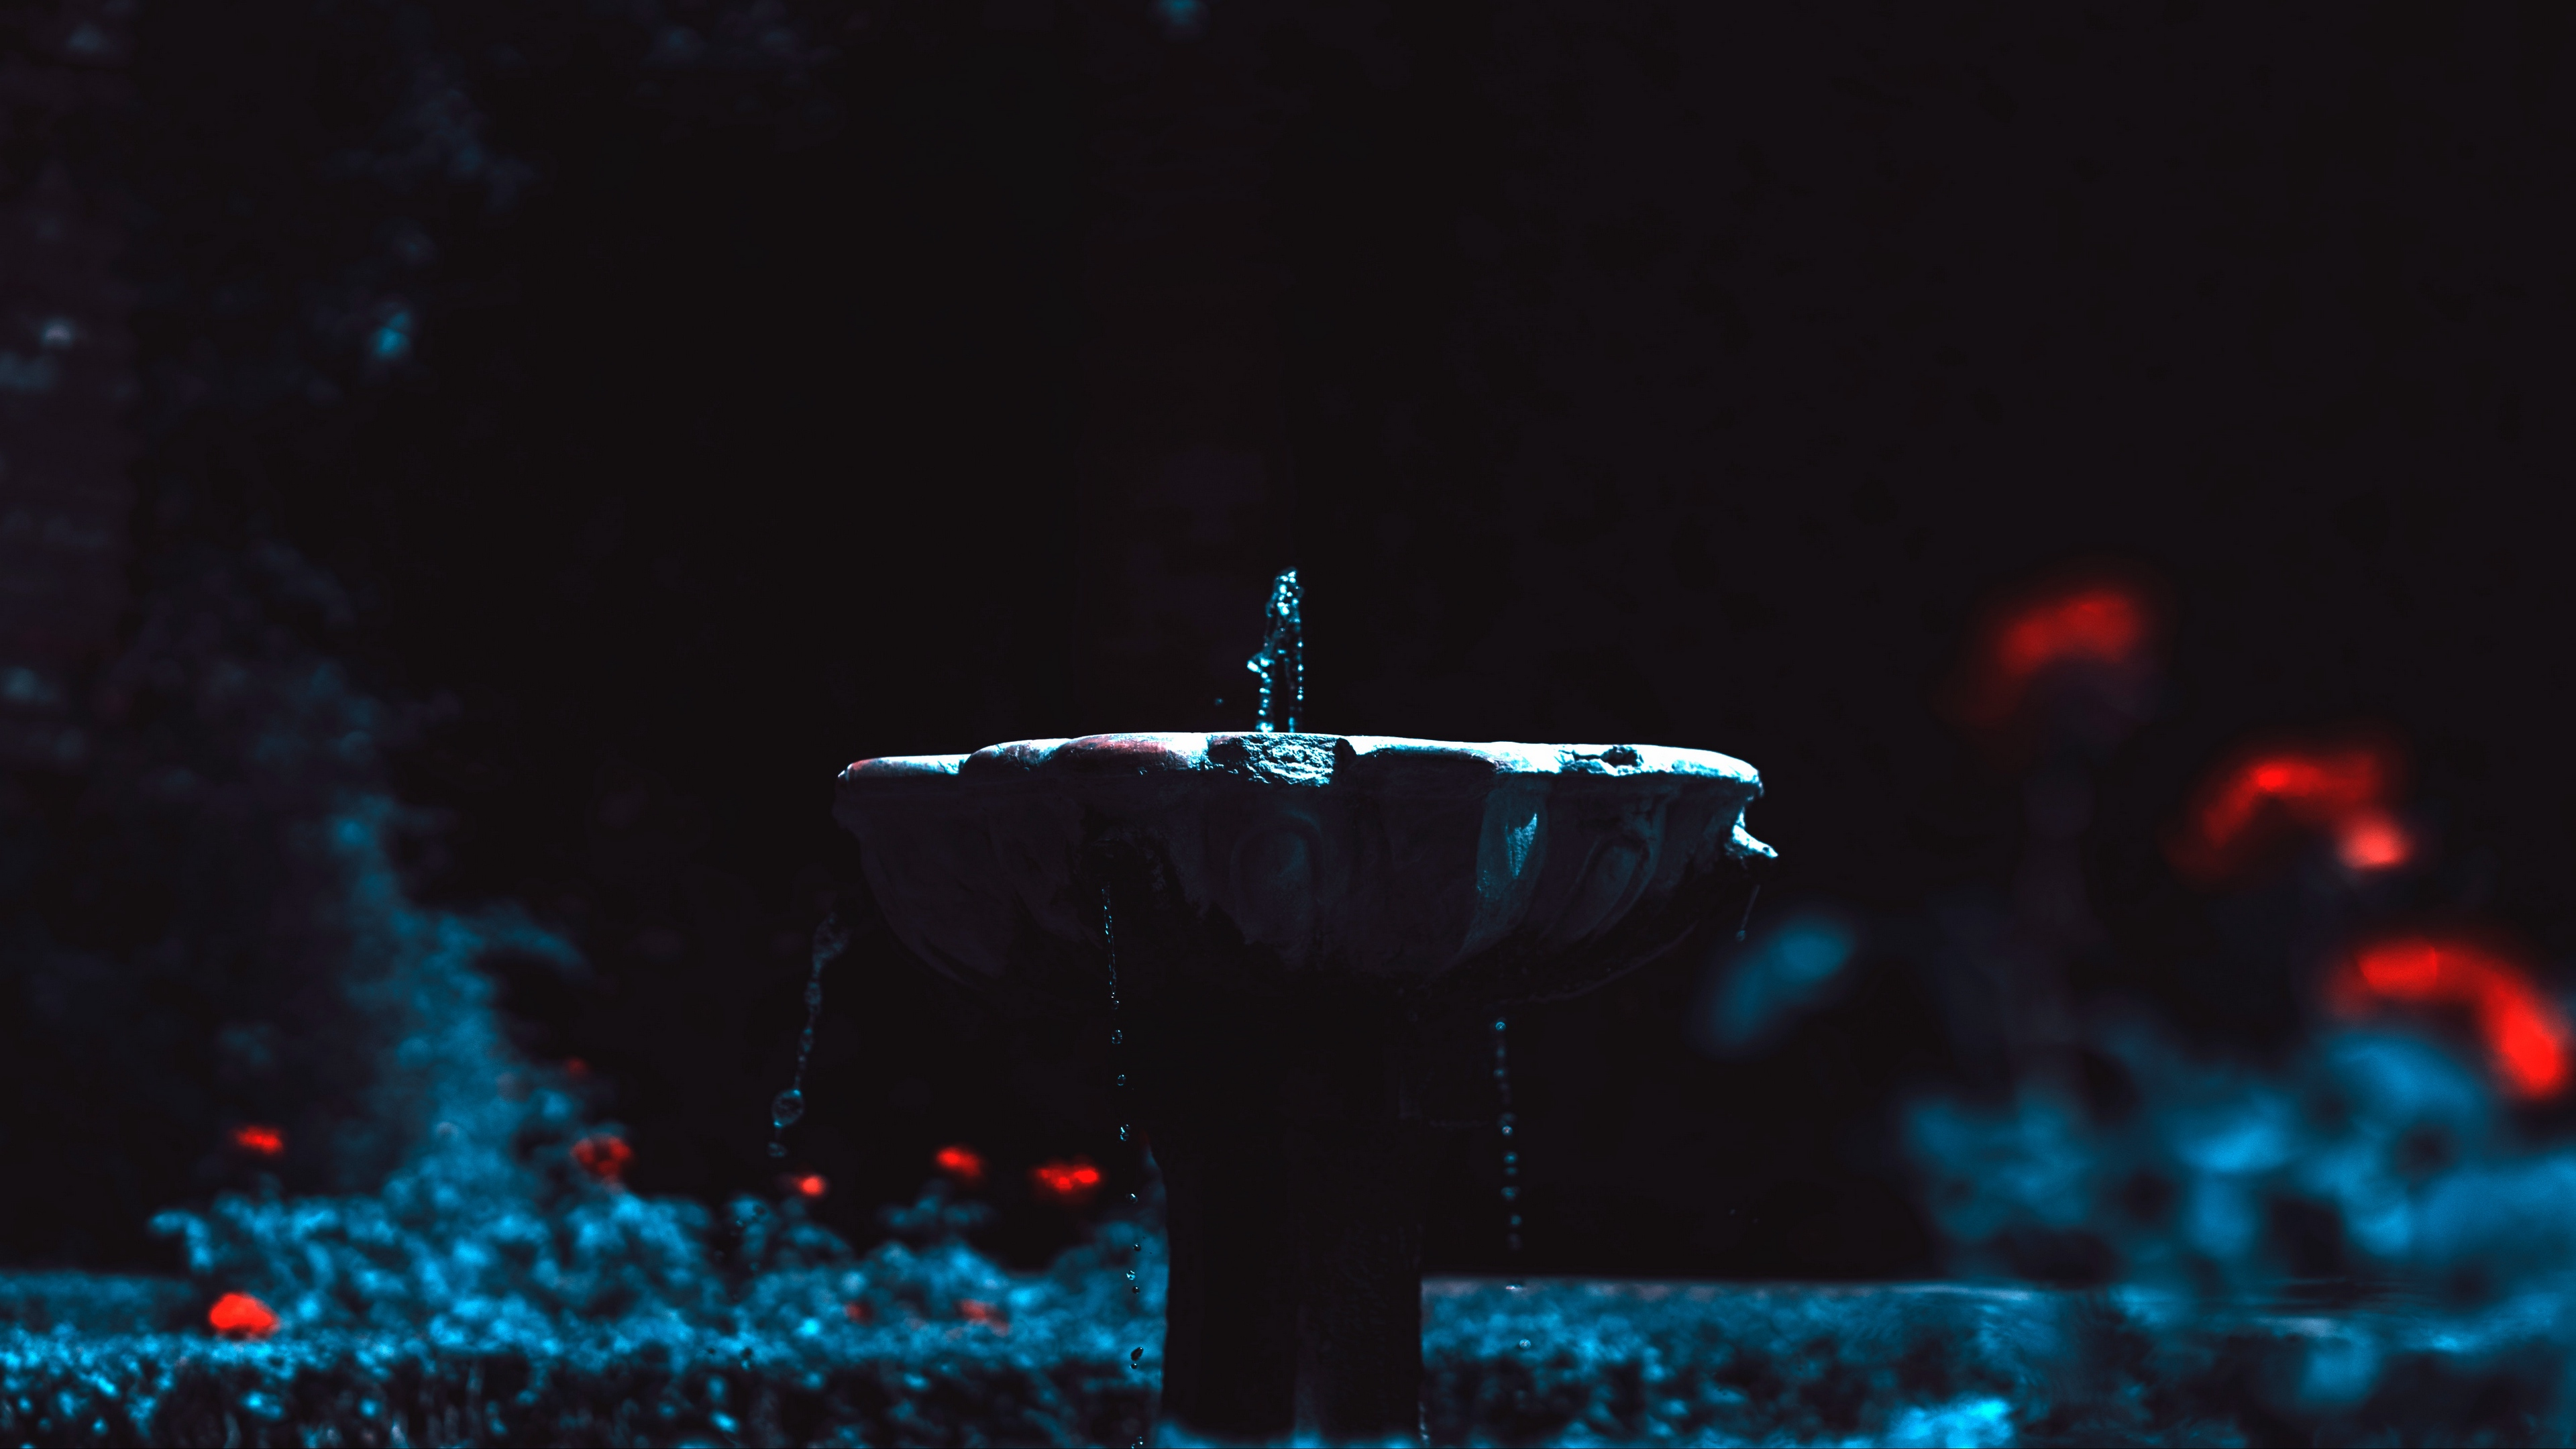 fountain jet water blur dark 4k 1540575554 - fountain, jet, water, blur, dark 4k - Water, Jet, Fountain